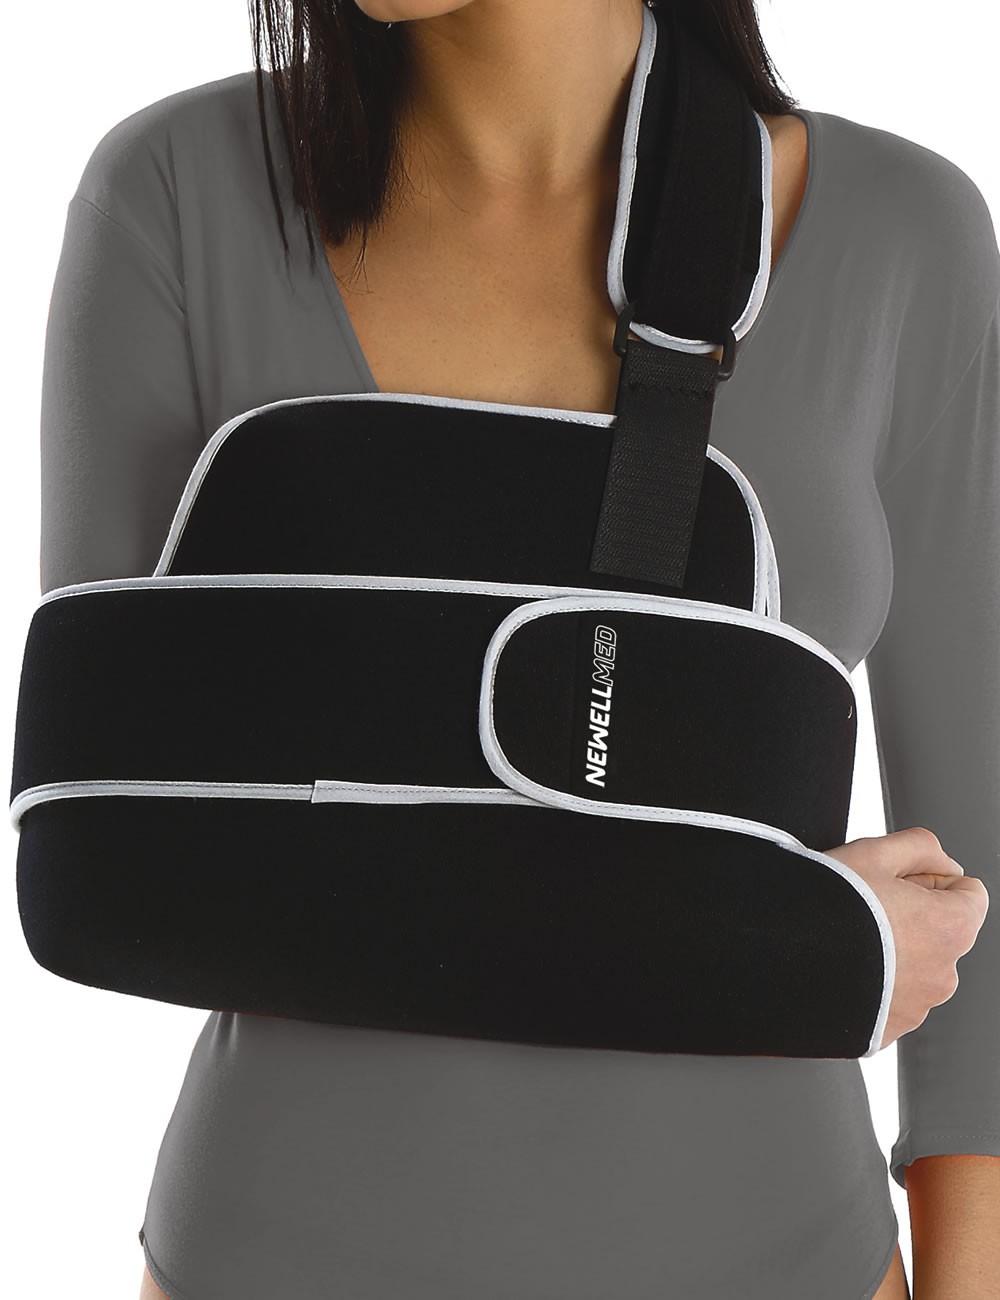 SK403GC - Immobilizing arm-shoulder support Easy